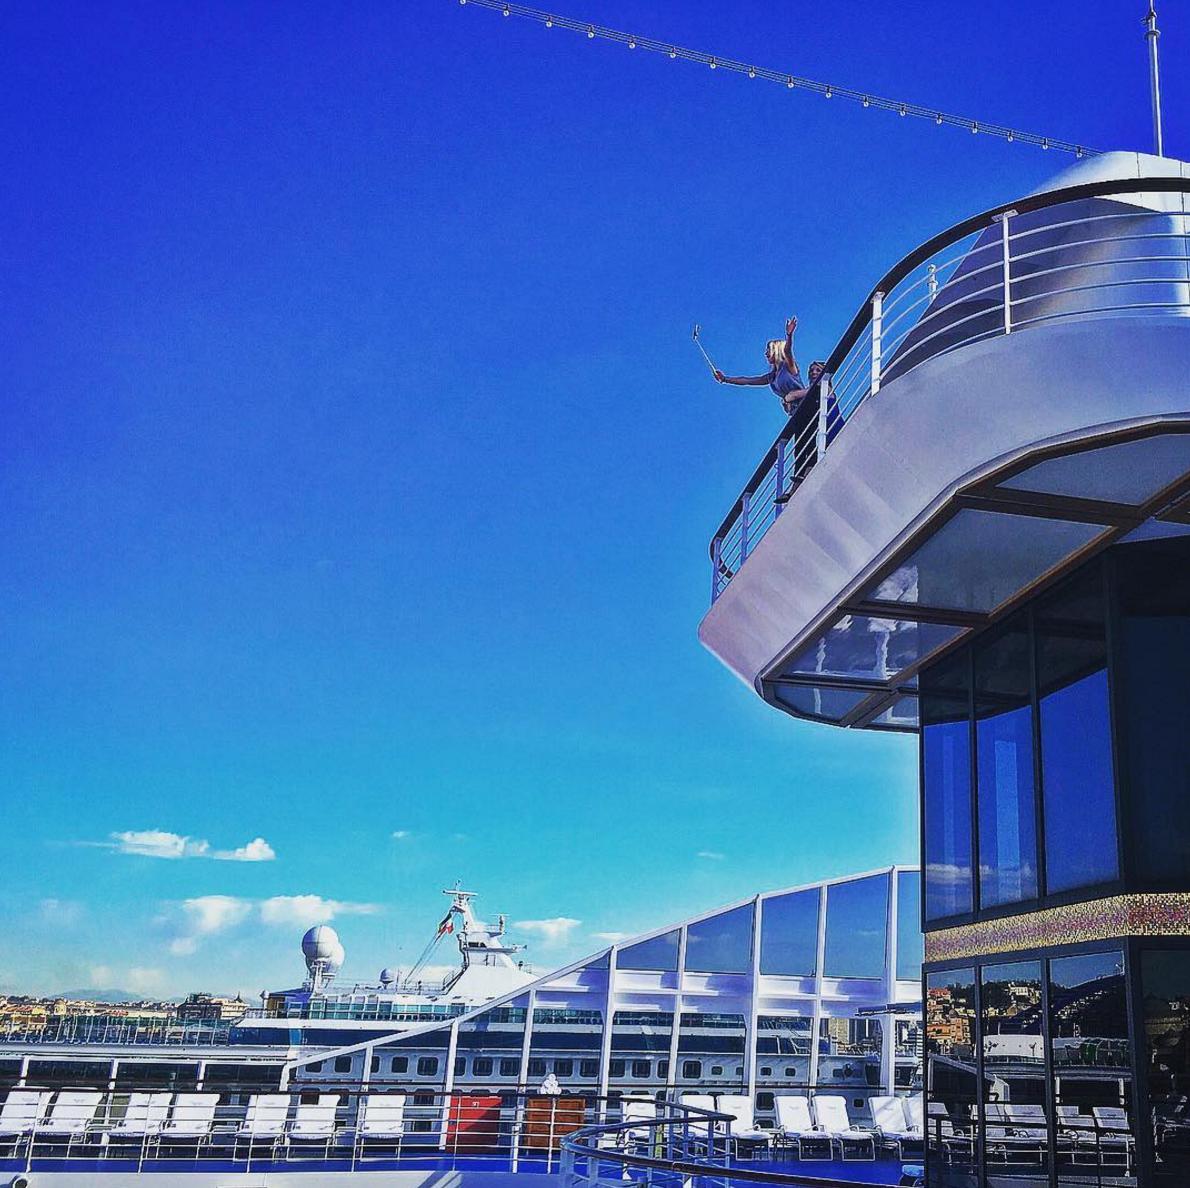 Titanic Jack Rose Oceania Cruise Selfie